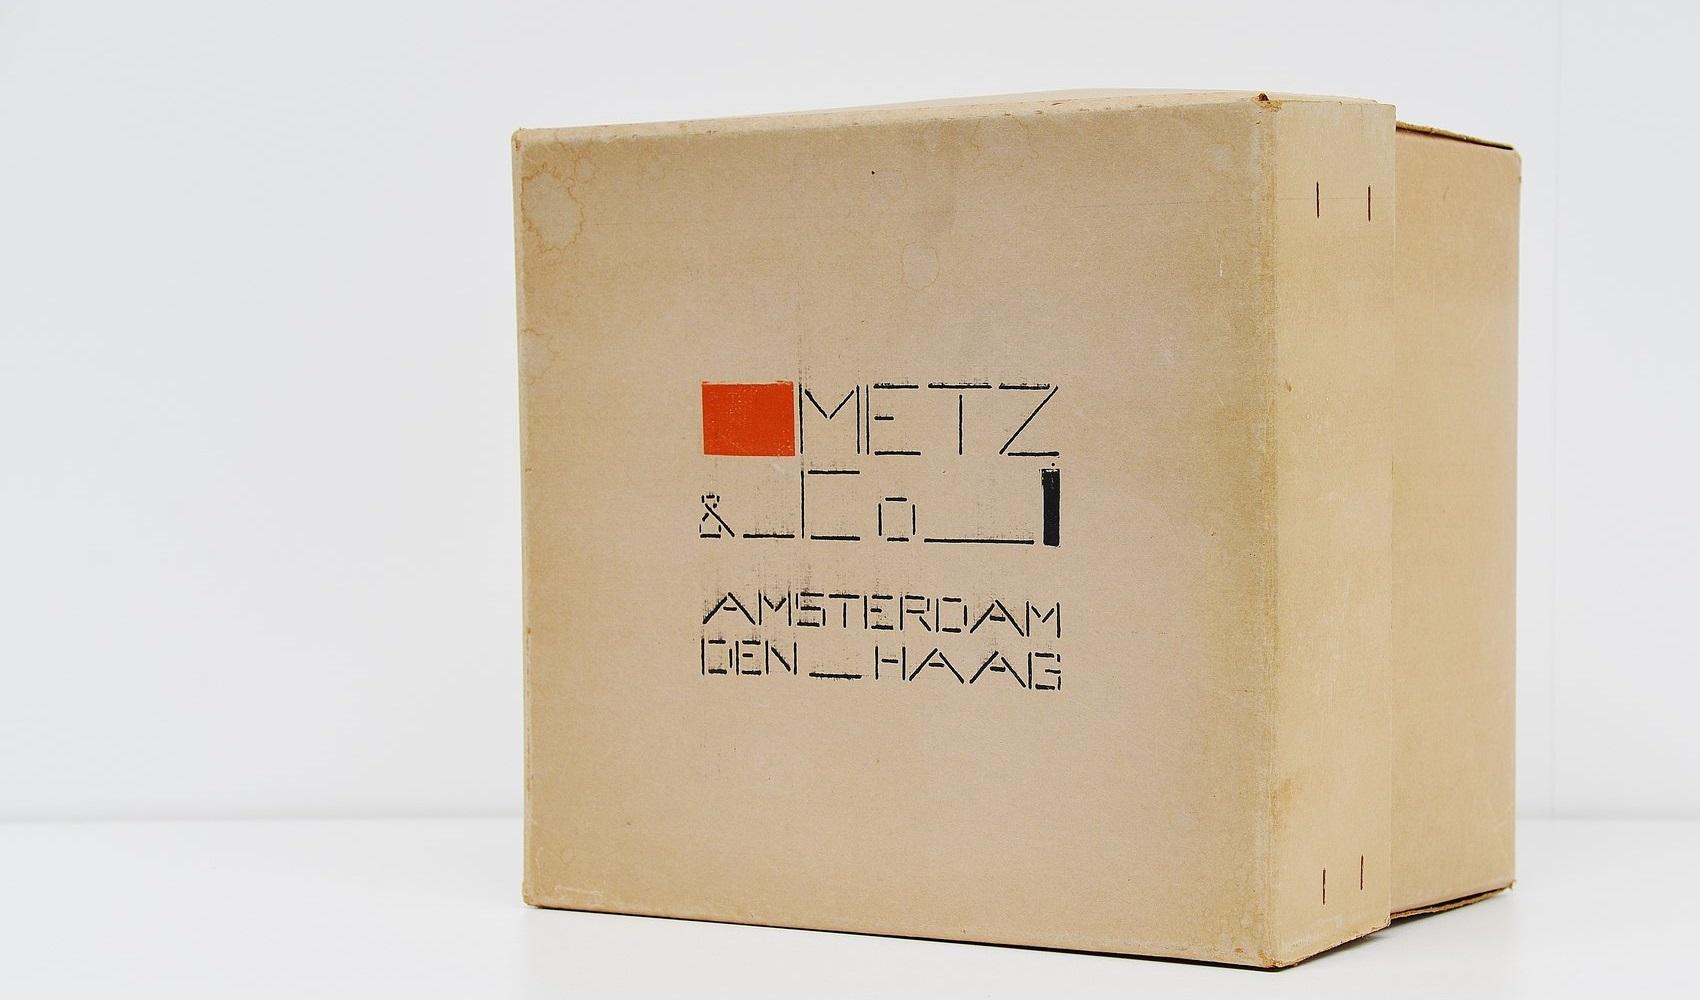 Metz en Co Amsterdam Den Haag